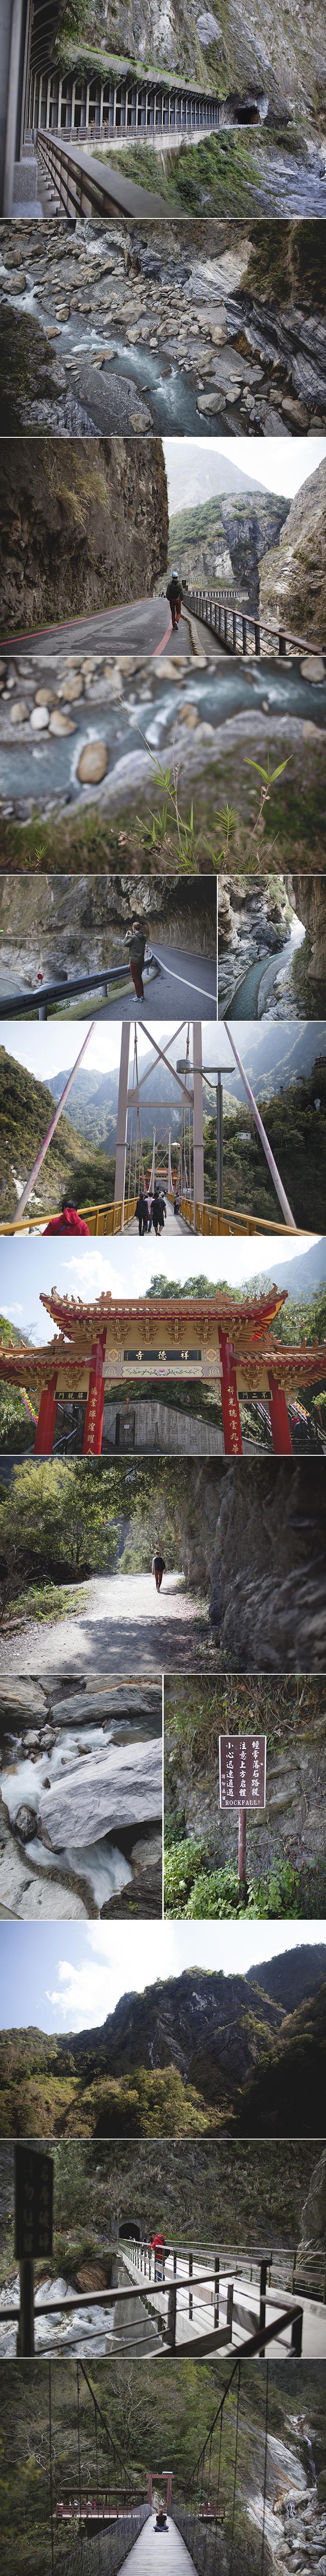 taiwan post 3